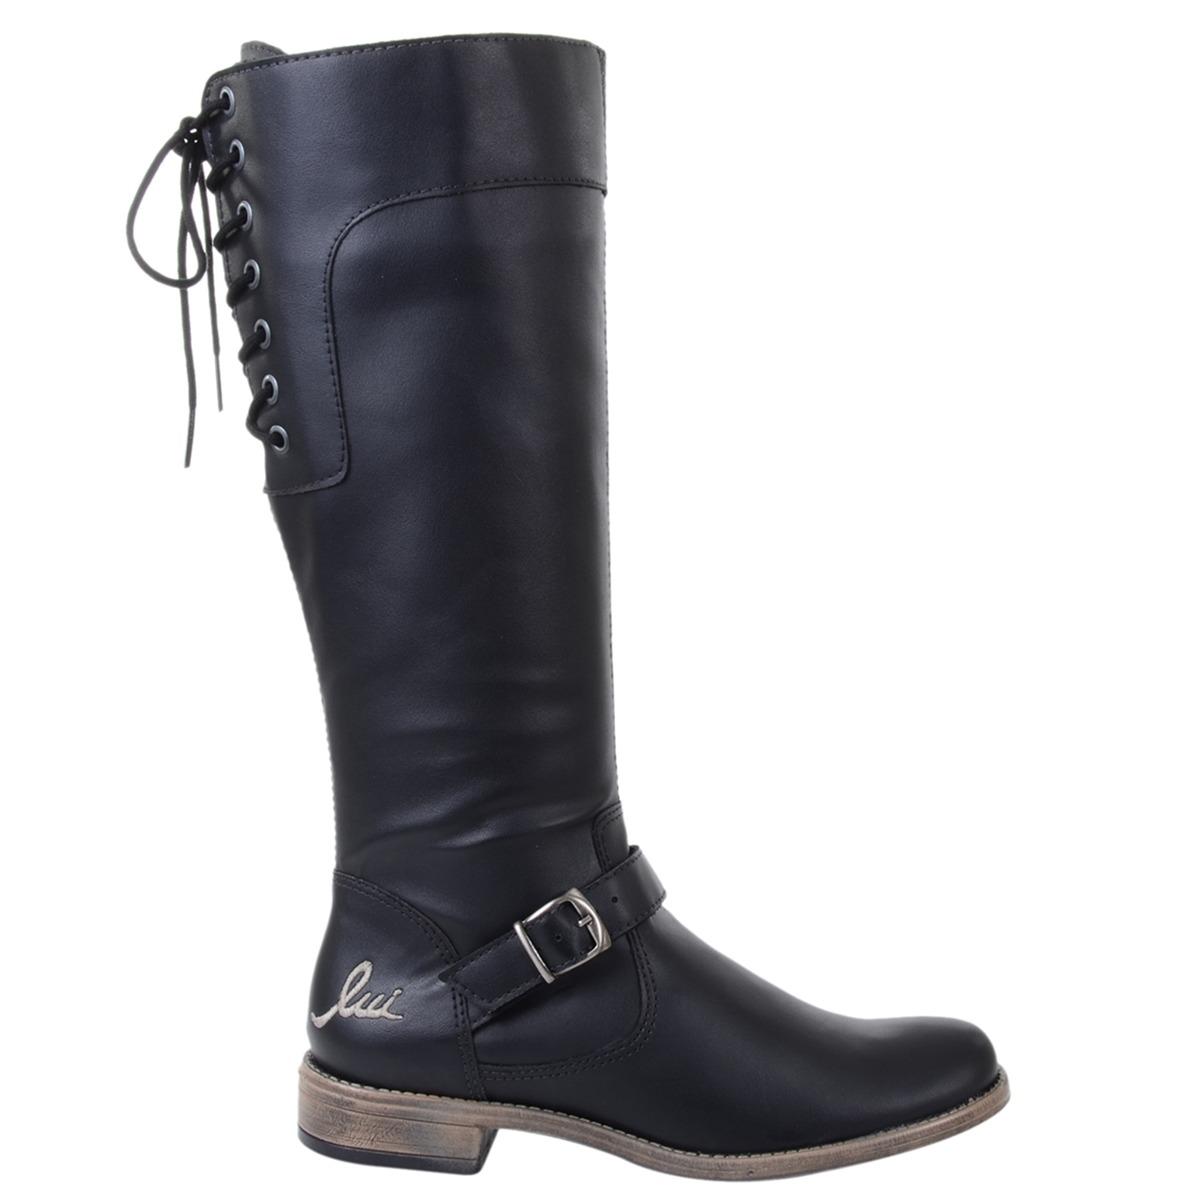 c4dc81b0d20 bota feminina luilui gassi preta. Carregando zoom.